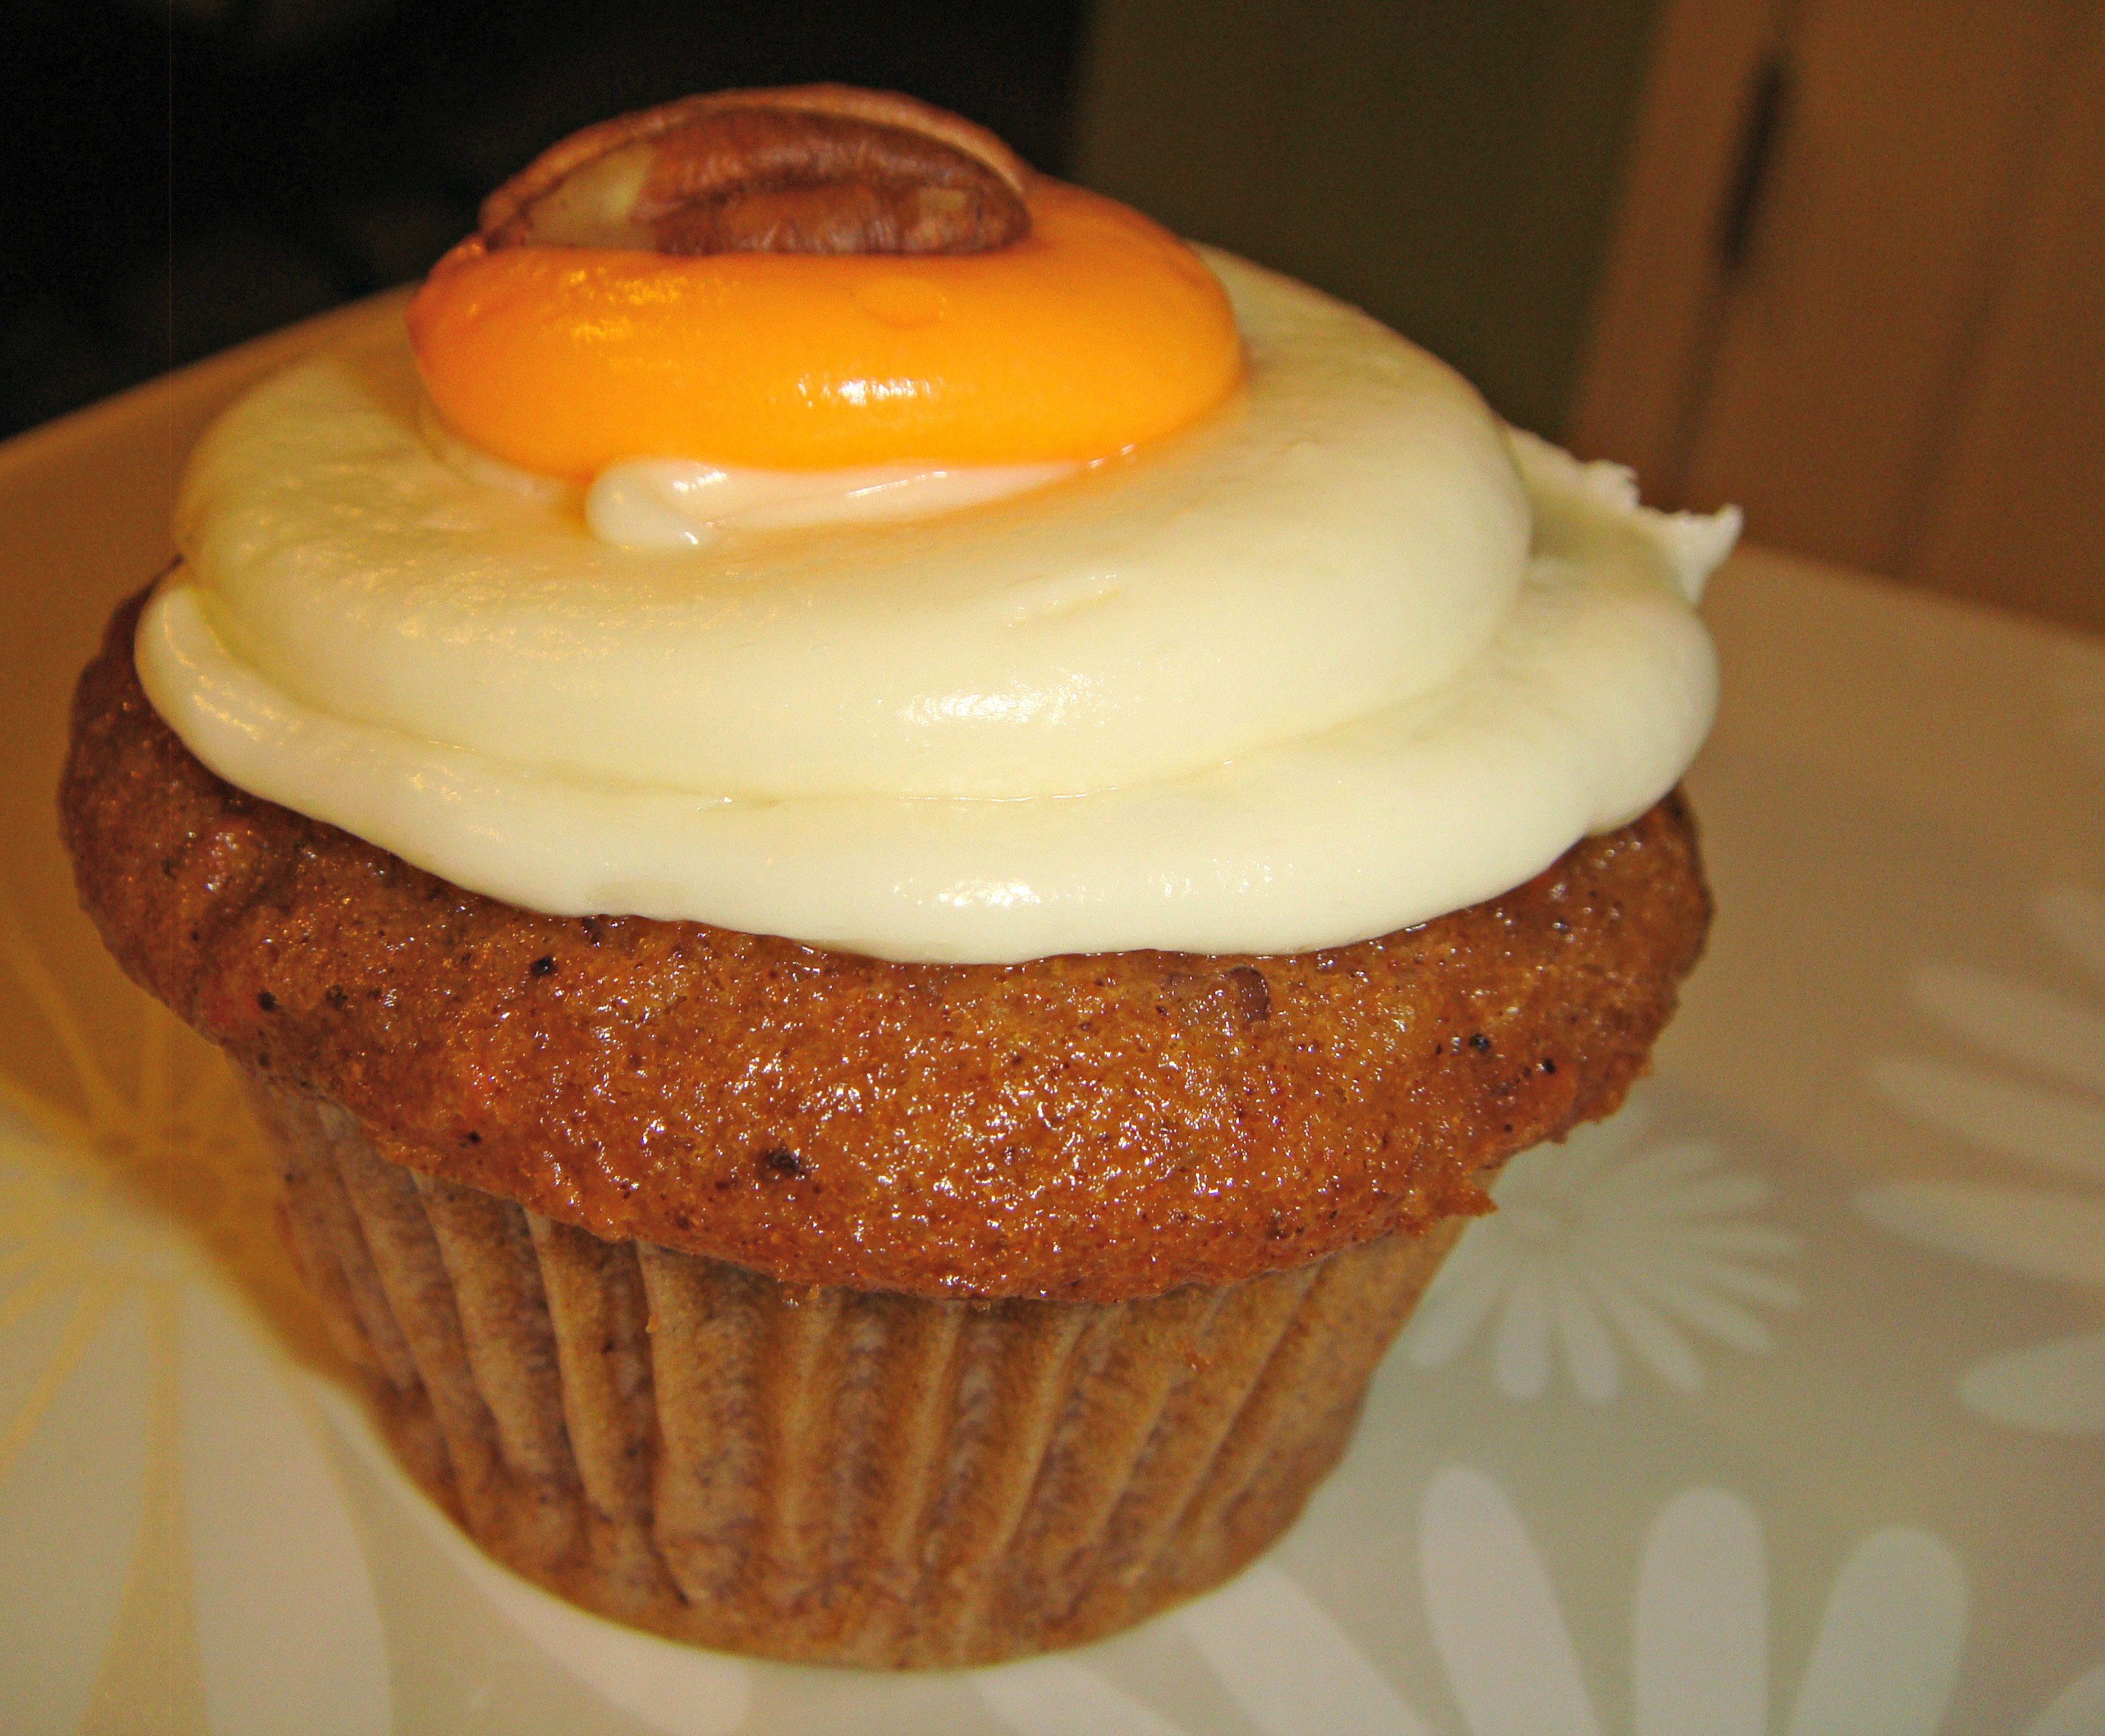 Birthday Cake Herbalife Shake Image Inspiration of Cake and